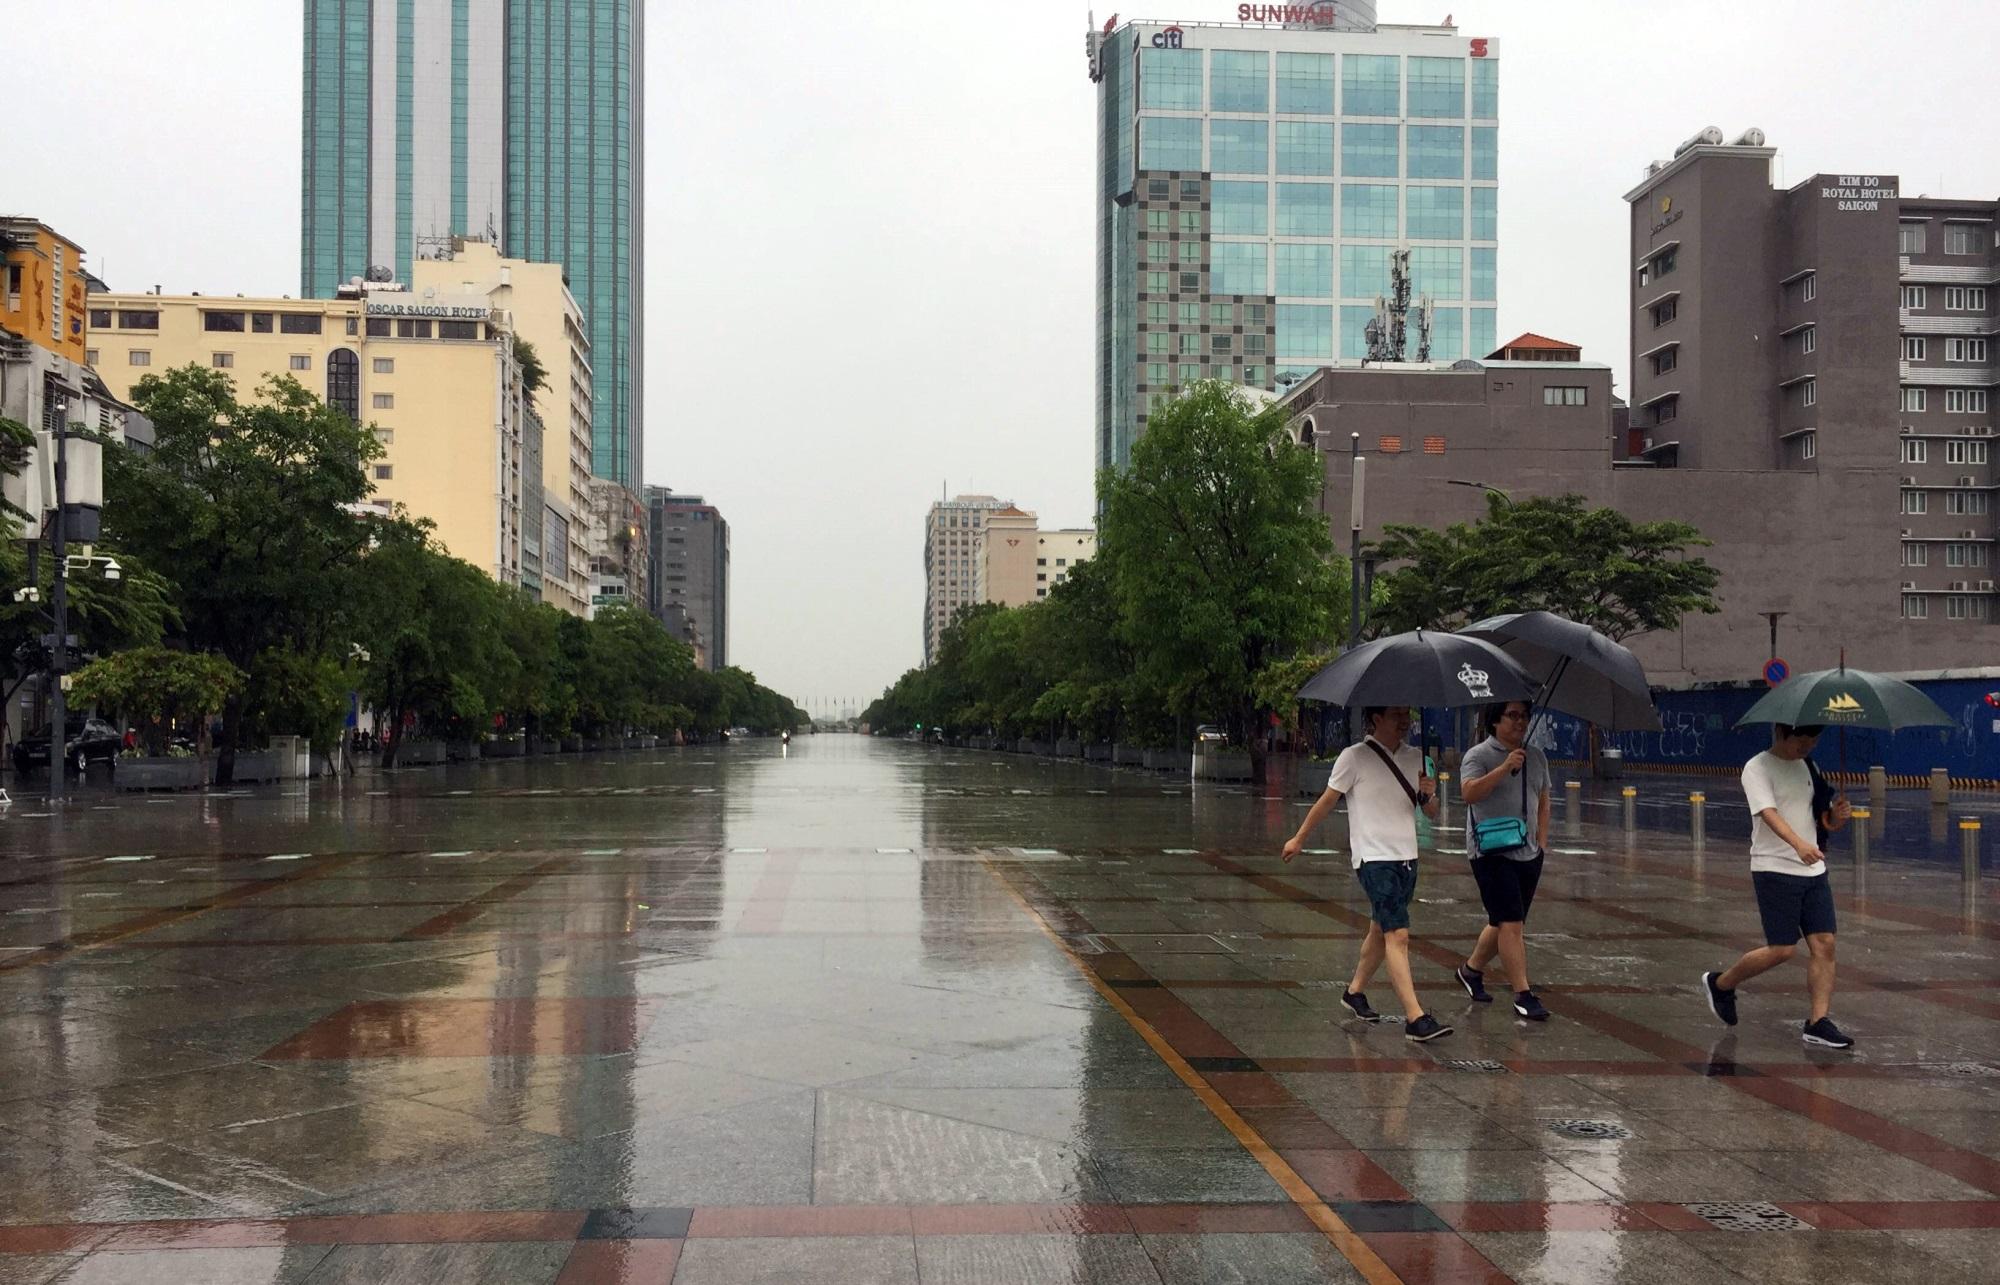 Sài Gòn mưa như trút nước, du khách thoải mái dạo mưa chụp ảnh - Ảnh 1